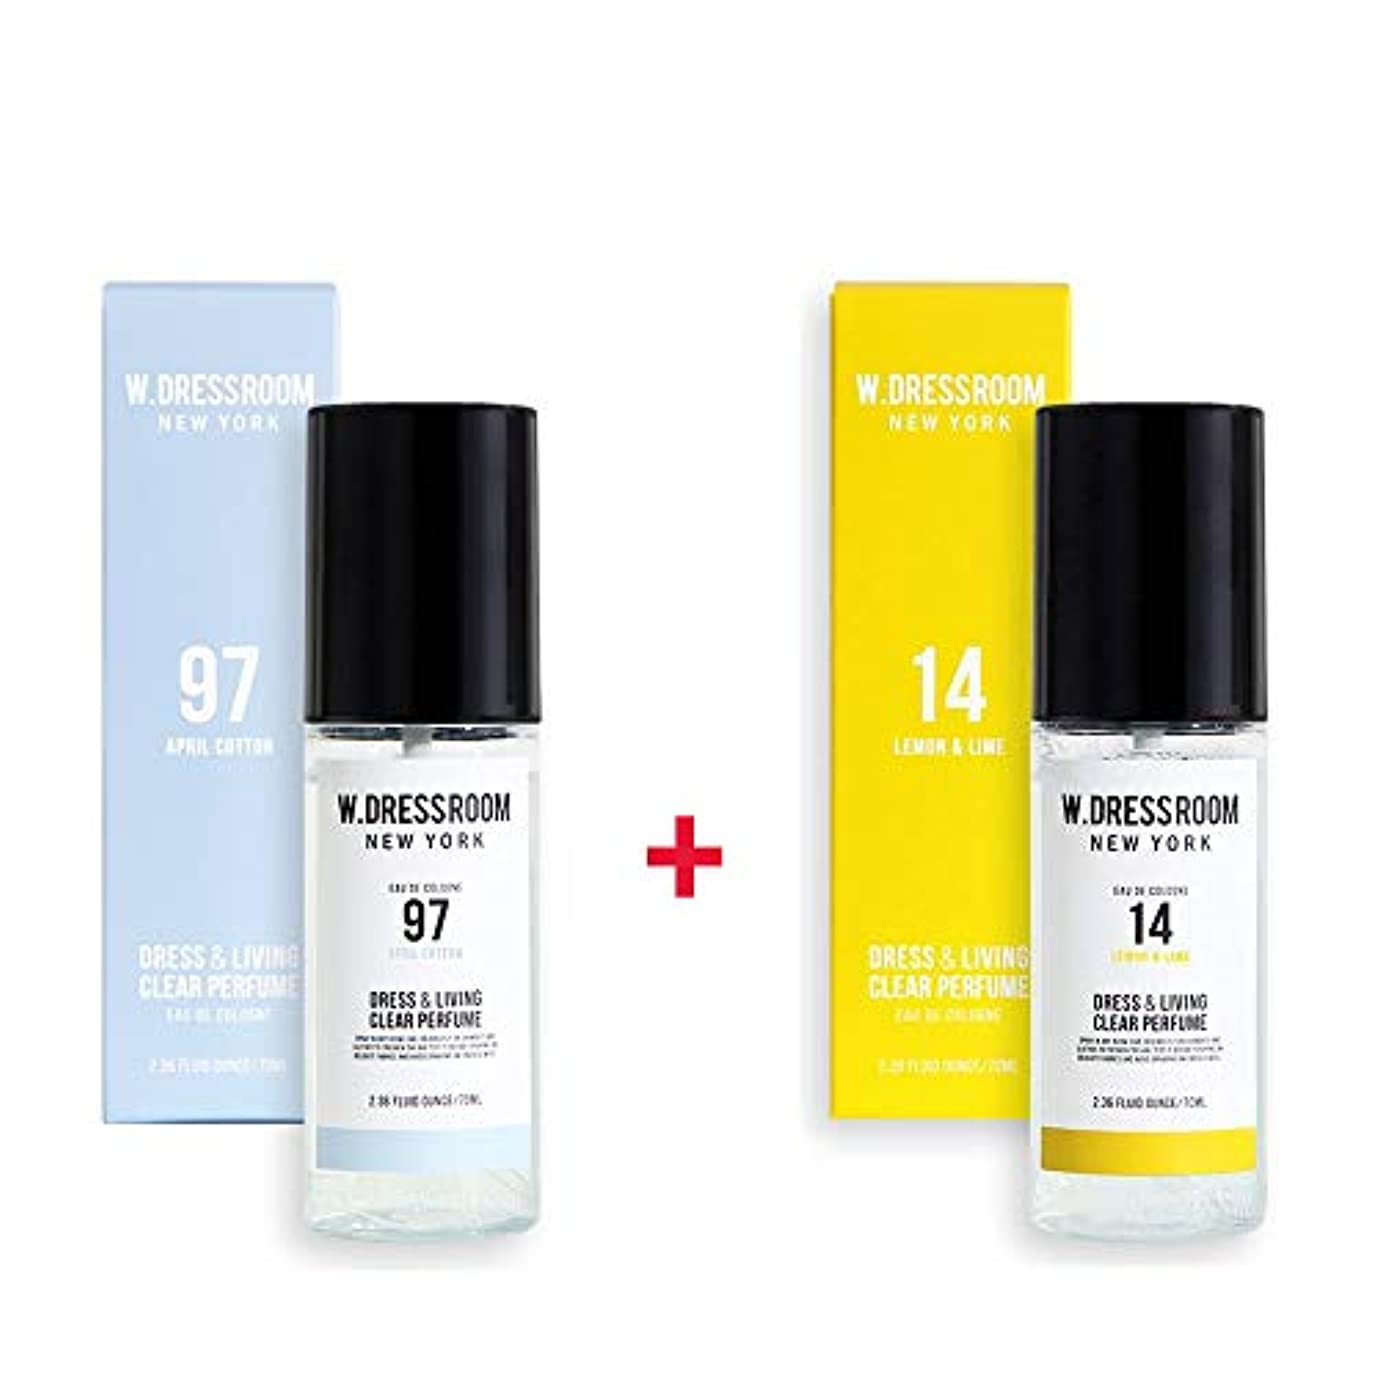 パワーセル差し控えるオアシスW.DRESSROOM Dress & Living Clear Perfume 70ml (No 97 April Cotton)+(No 14 Lemon & Lime)